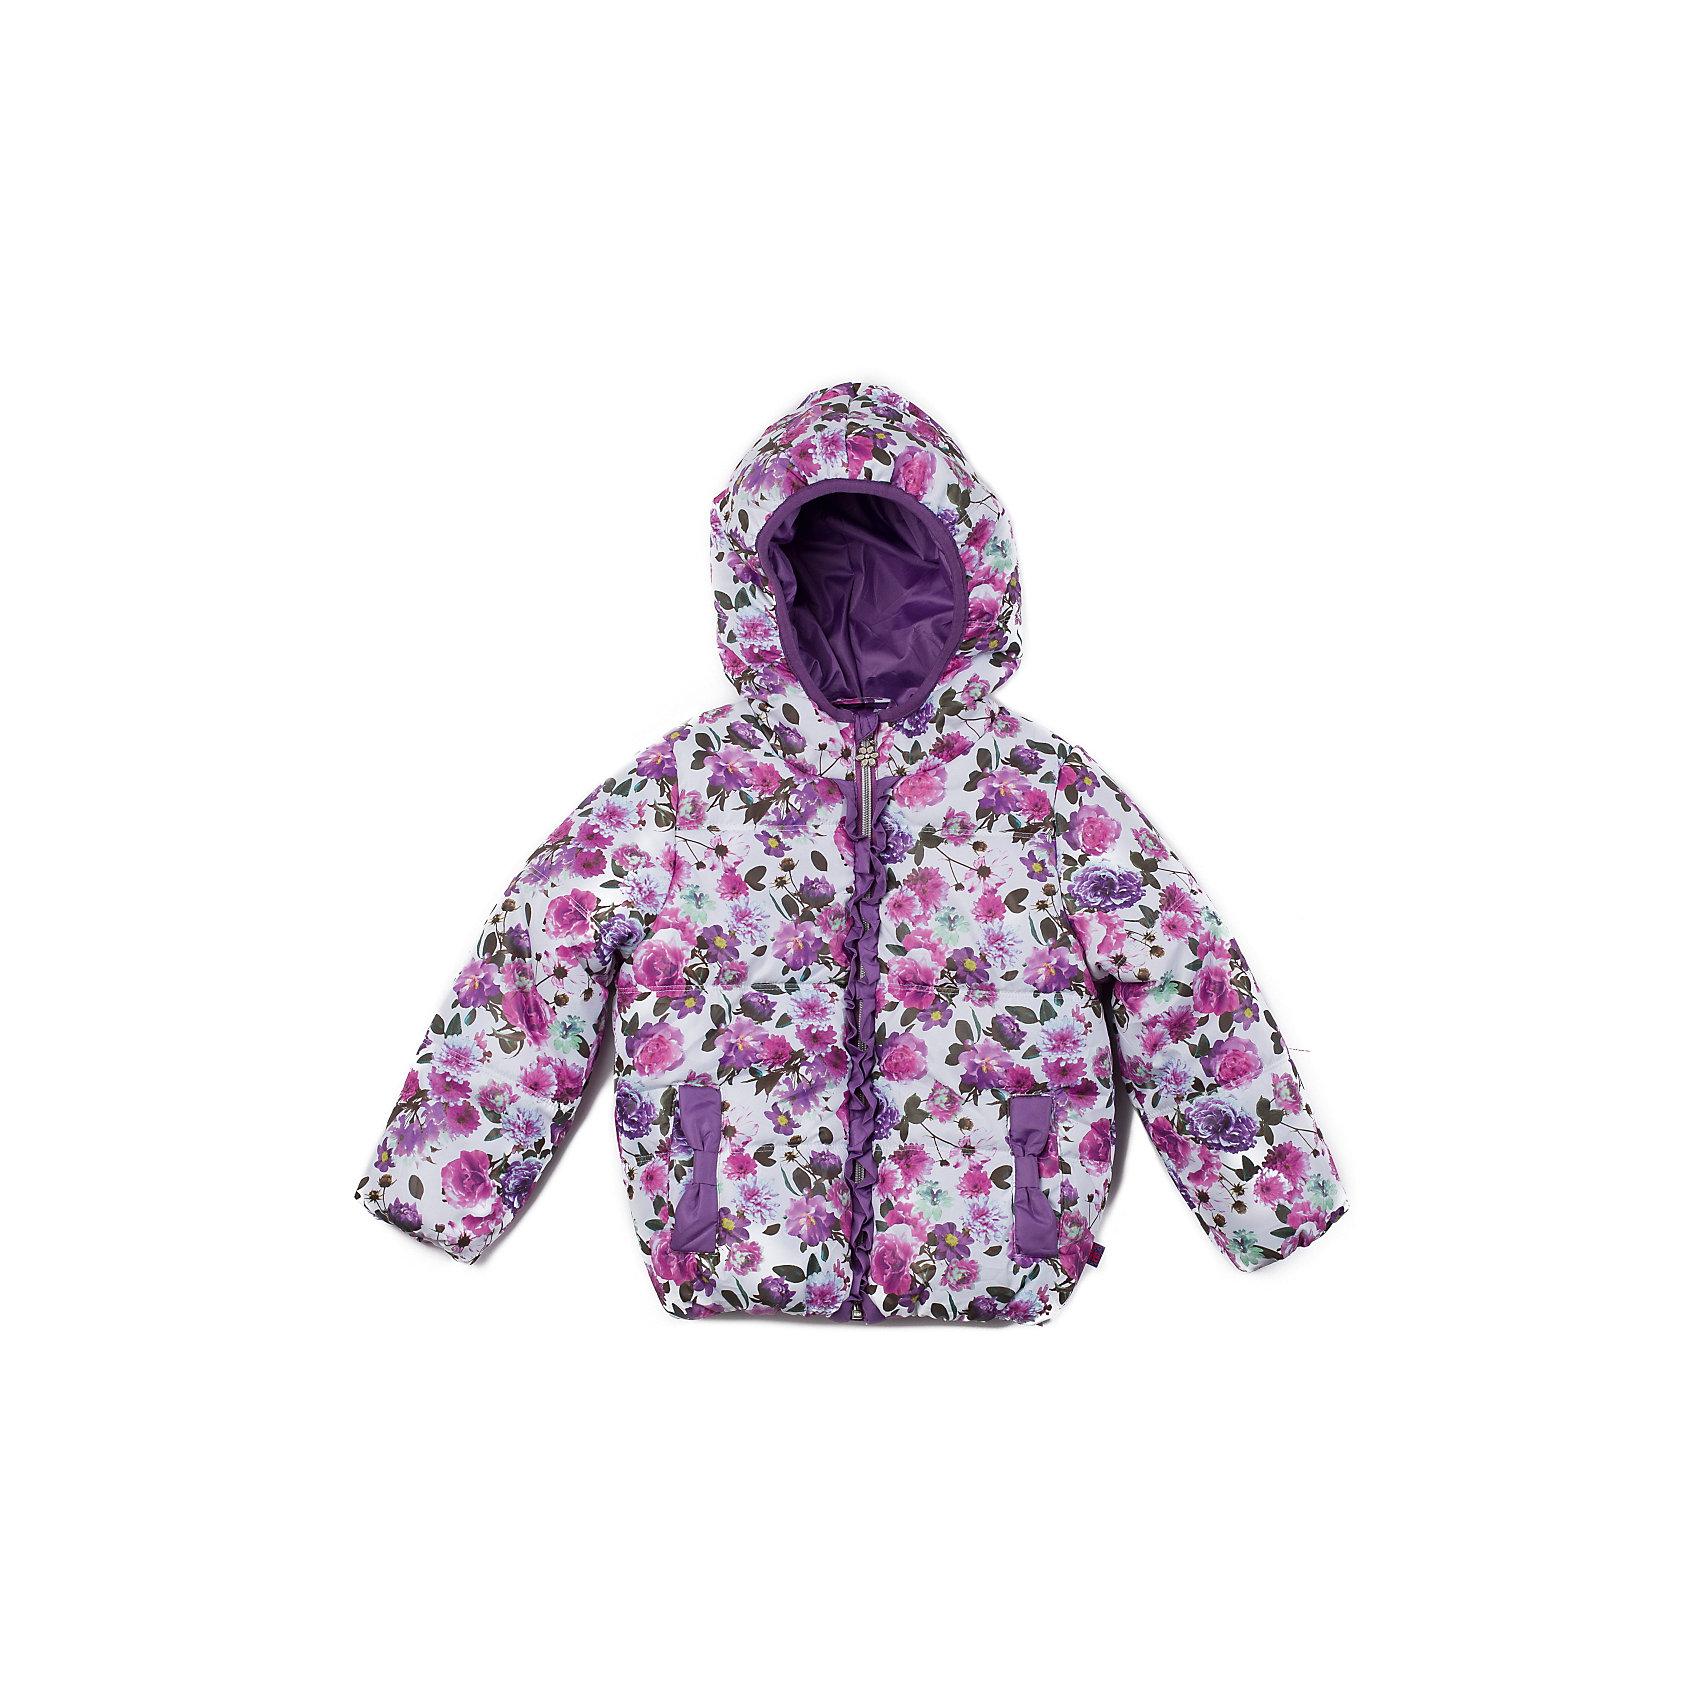 Куртка для девочки Sweet BerryКуртка утепленная для девочки на флисовой подкладке, с нежным цветочным принтом, кокетливыми рюшами и карманами - бантиками.<br>Состав:<br>Верх: 100% полиэстер, Подкладка: 100%полиэстер, Наполнитель: 100%полиэстер<br><br>Ширина мм: 356<br>Глубина мм: 10<br>Высота мм: 245<br>Вес г: 519<br>Цвет: разноцветный<br>Возраст от месяцев: 9<br>Возраст до месяцев: 12<br>Пол: Женский<br>Возраст: Детский<br>Размер: 80,98,92,86<br>SKU: 4272670